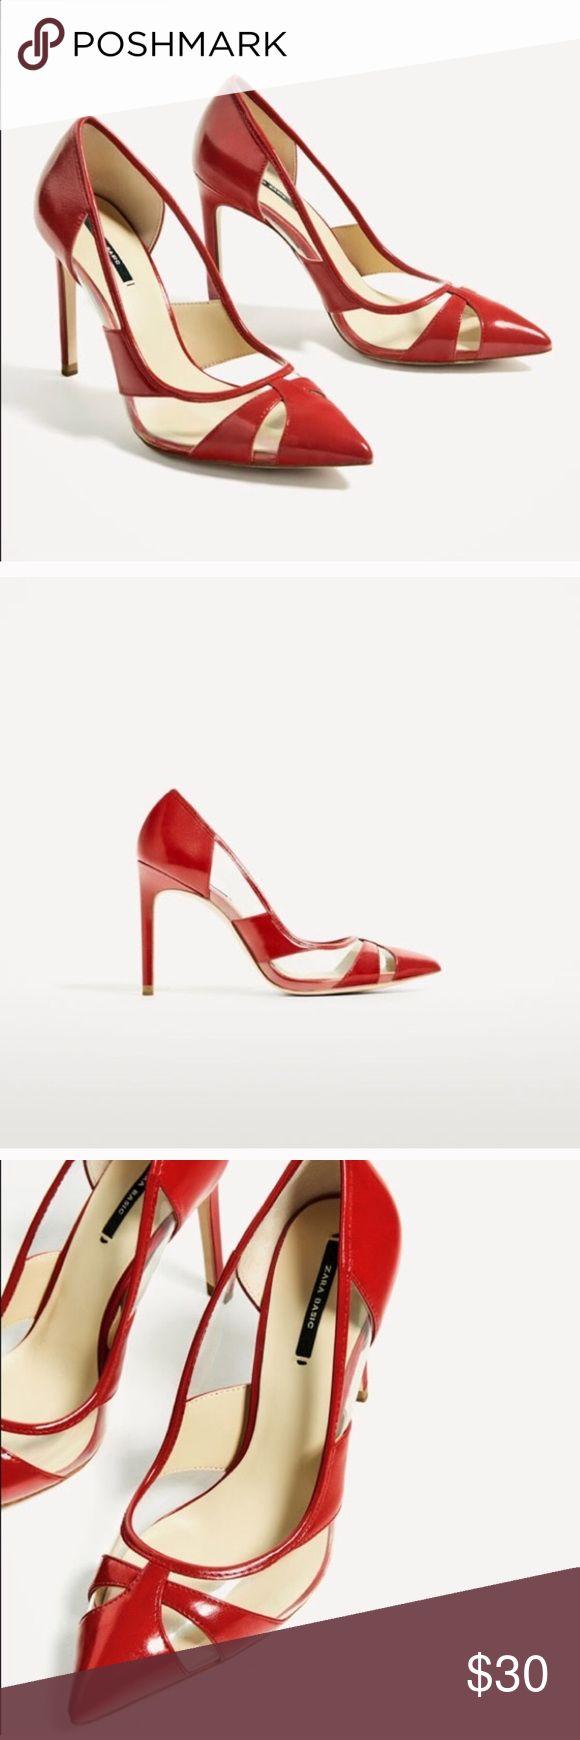 ZARA VINYL RED COURT HEEL SHOE Brand new,  size 5 Zara Shoes Heels